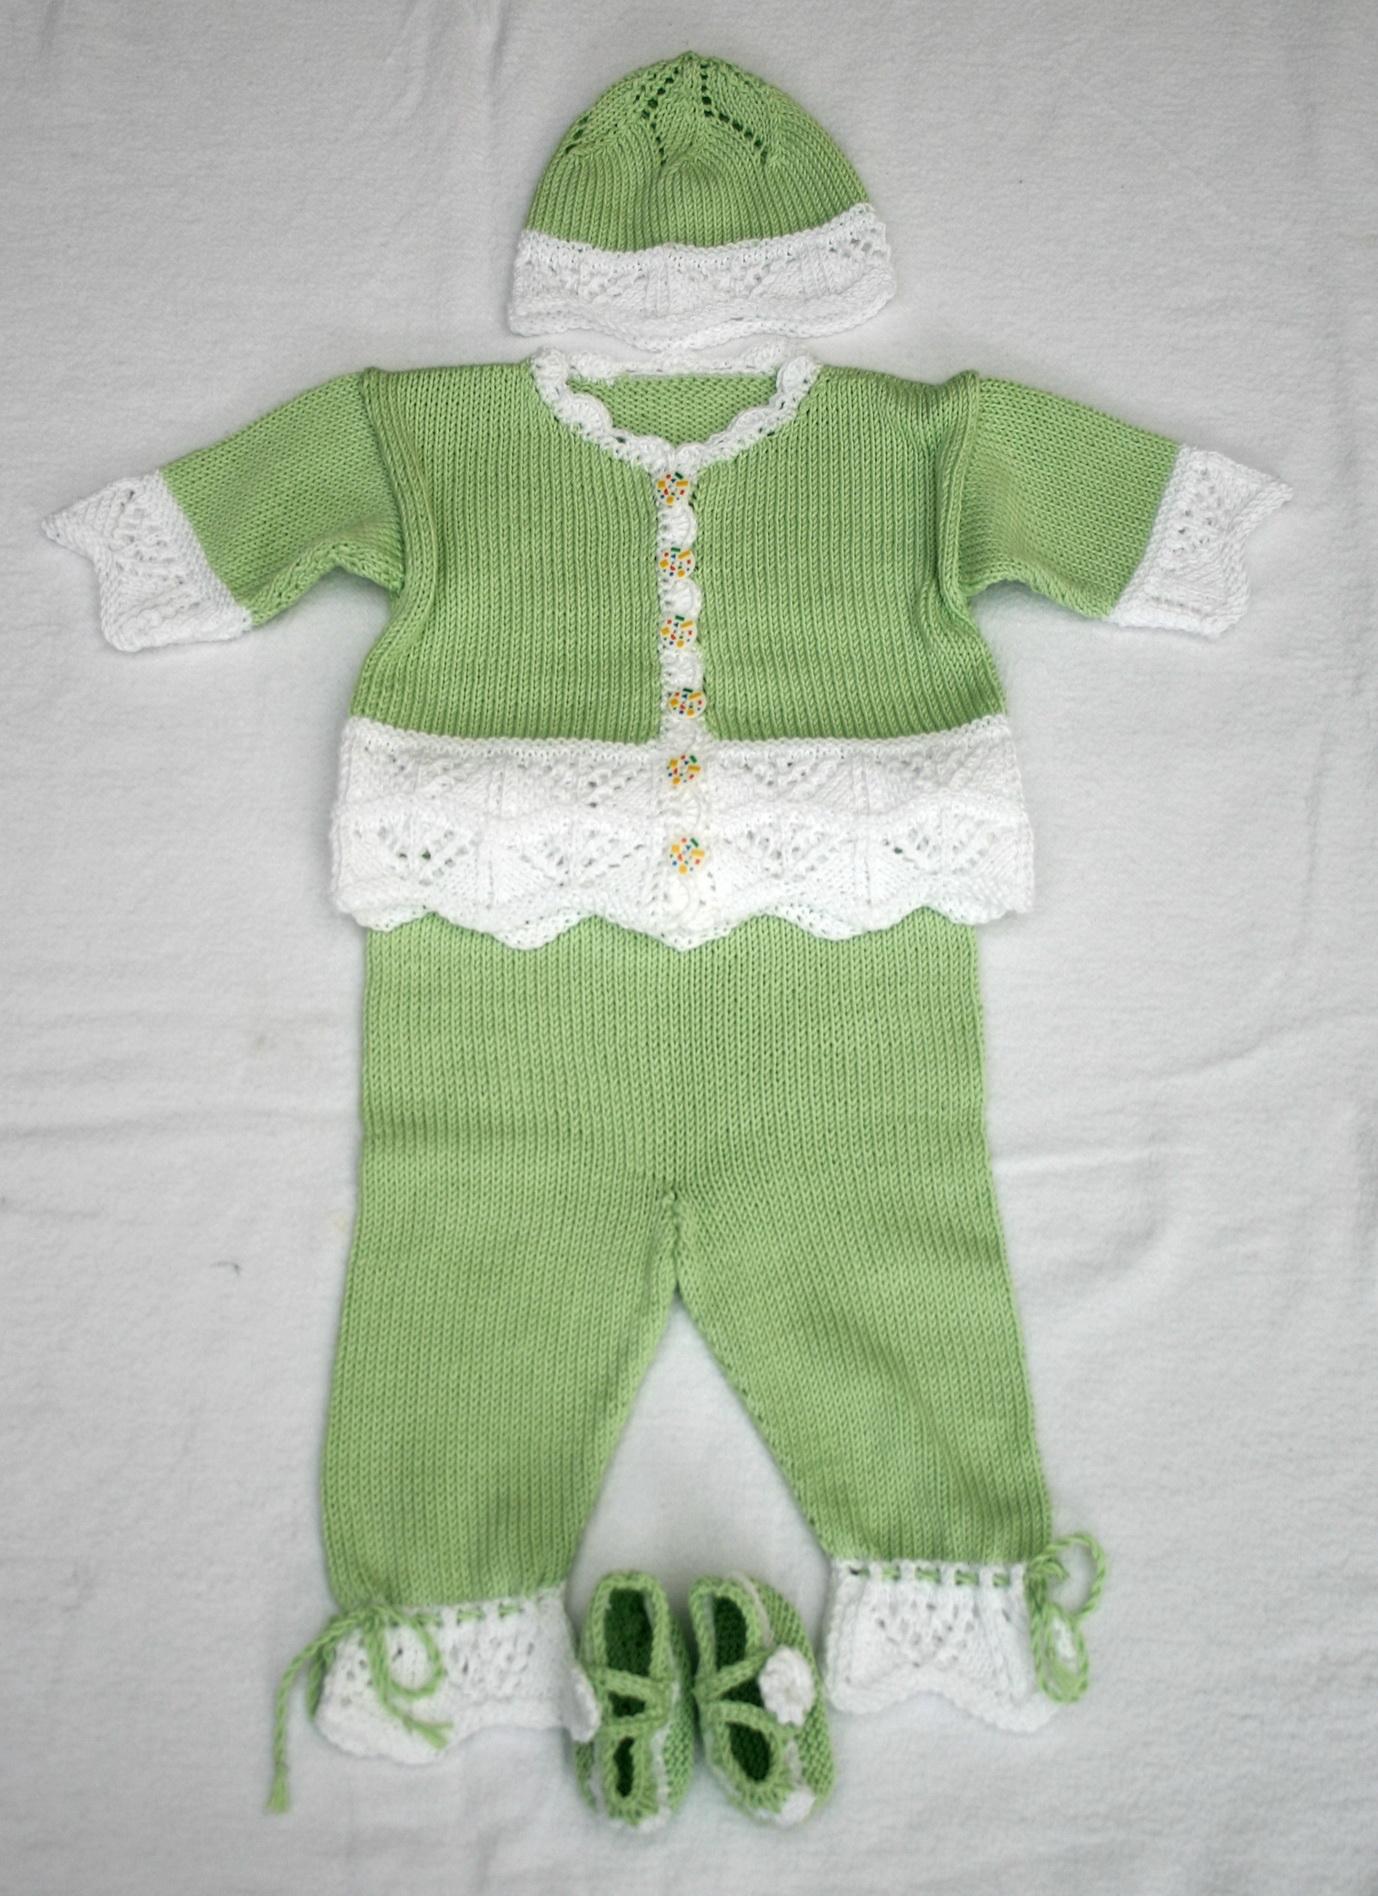 Babygarnitur, eigener Entwurf